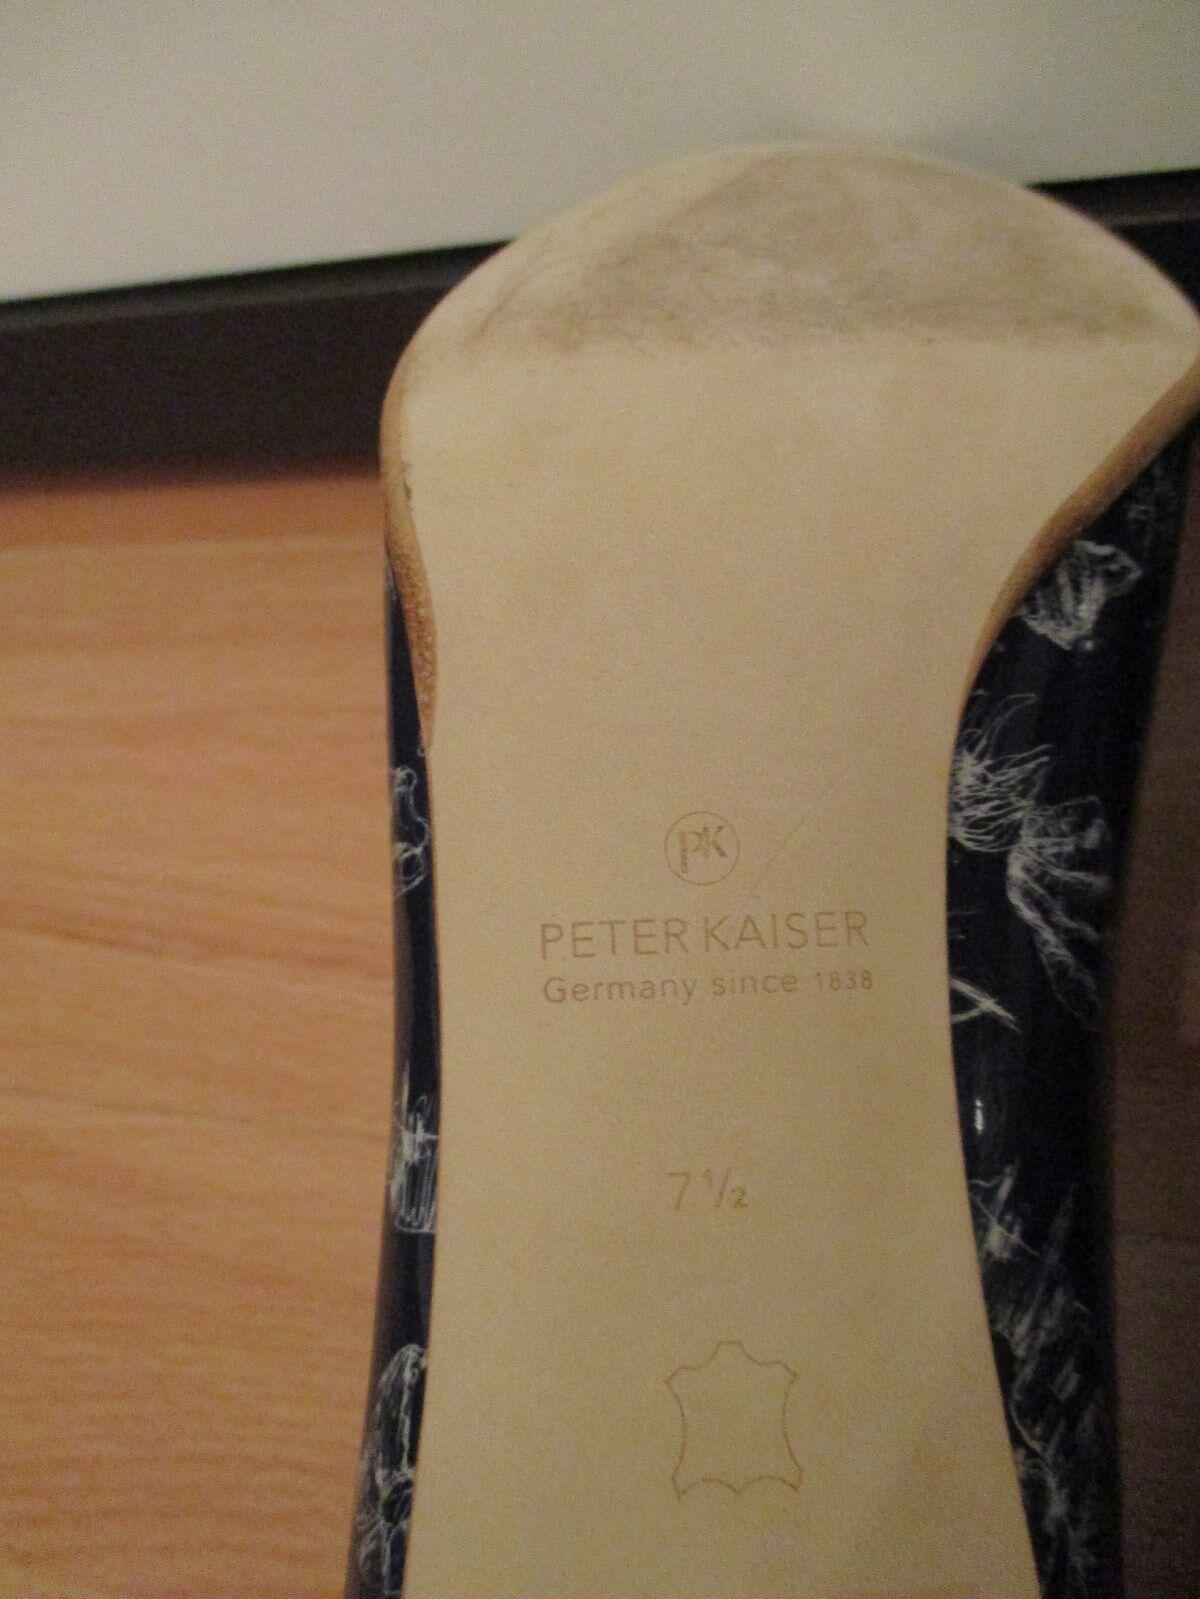 Peter Kaiser - Traumhaft schöne Pumps - Modell SEVILLA -Gr. 7,5 7,5 -Gr. (Gr. 41,5)- NEU e55a79